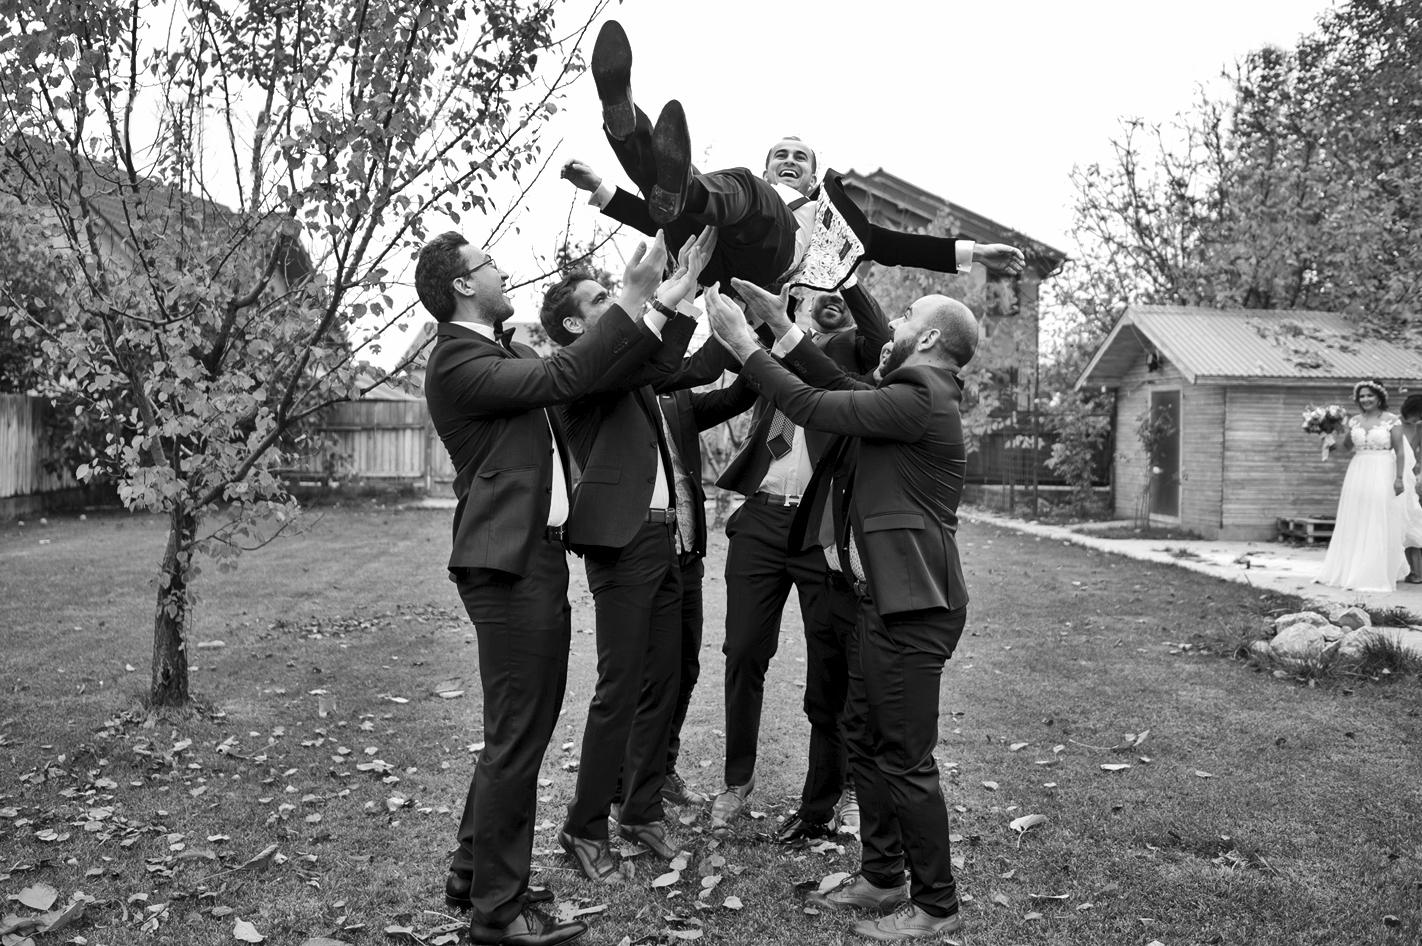 Fotograf profesionist de nunta, nunta, fotograf profesionist, fotograf Bucuresti, fotograf de nunta, grup baieti, cavaleri de onoare si ginerica, ca baietii, cavalerii de onoare